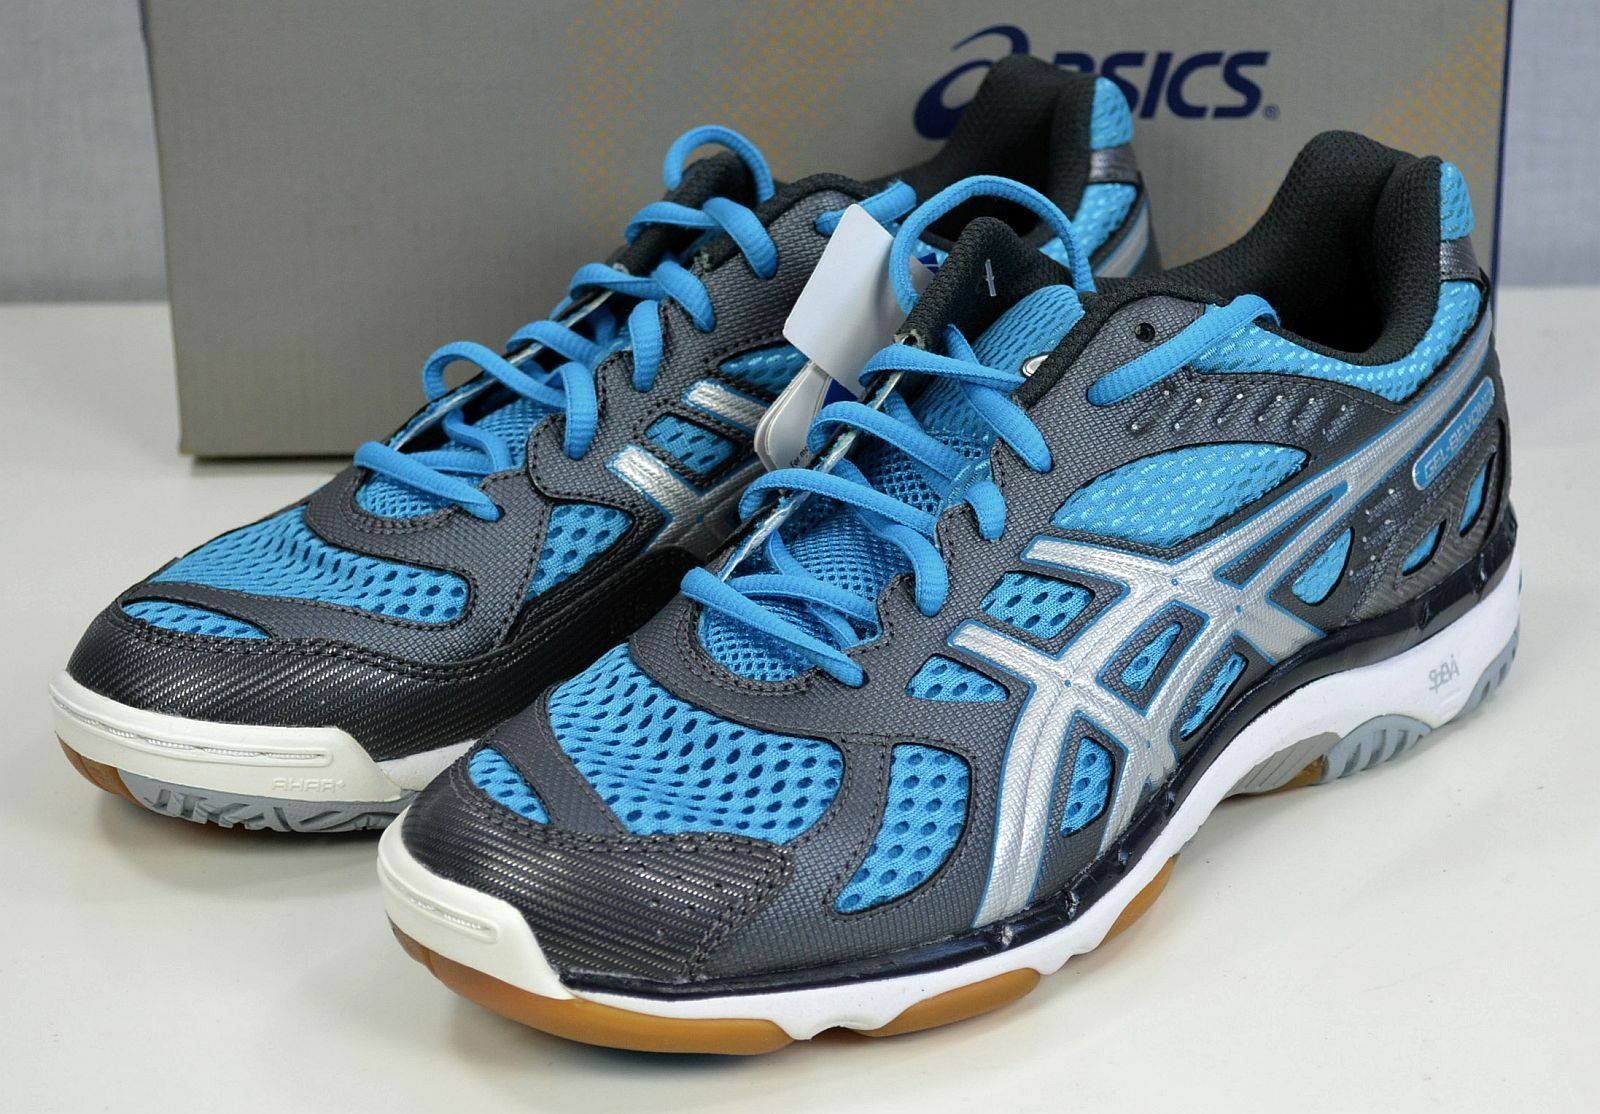 Asics Gel-Beyond 3 B255N Damen Laufschuhe Gr.40 Sportschuhe Schuhe sale 26051700